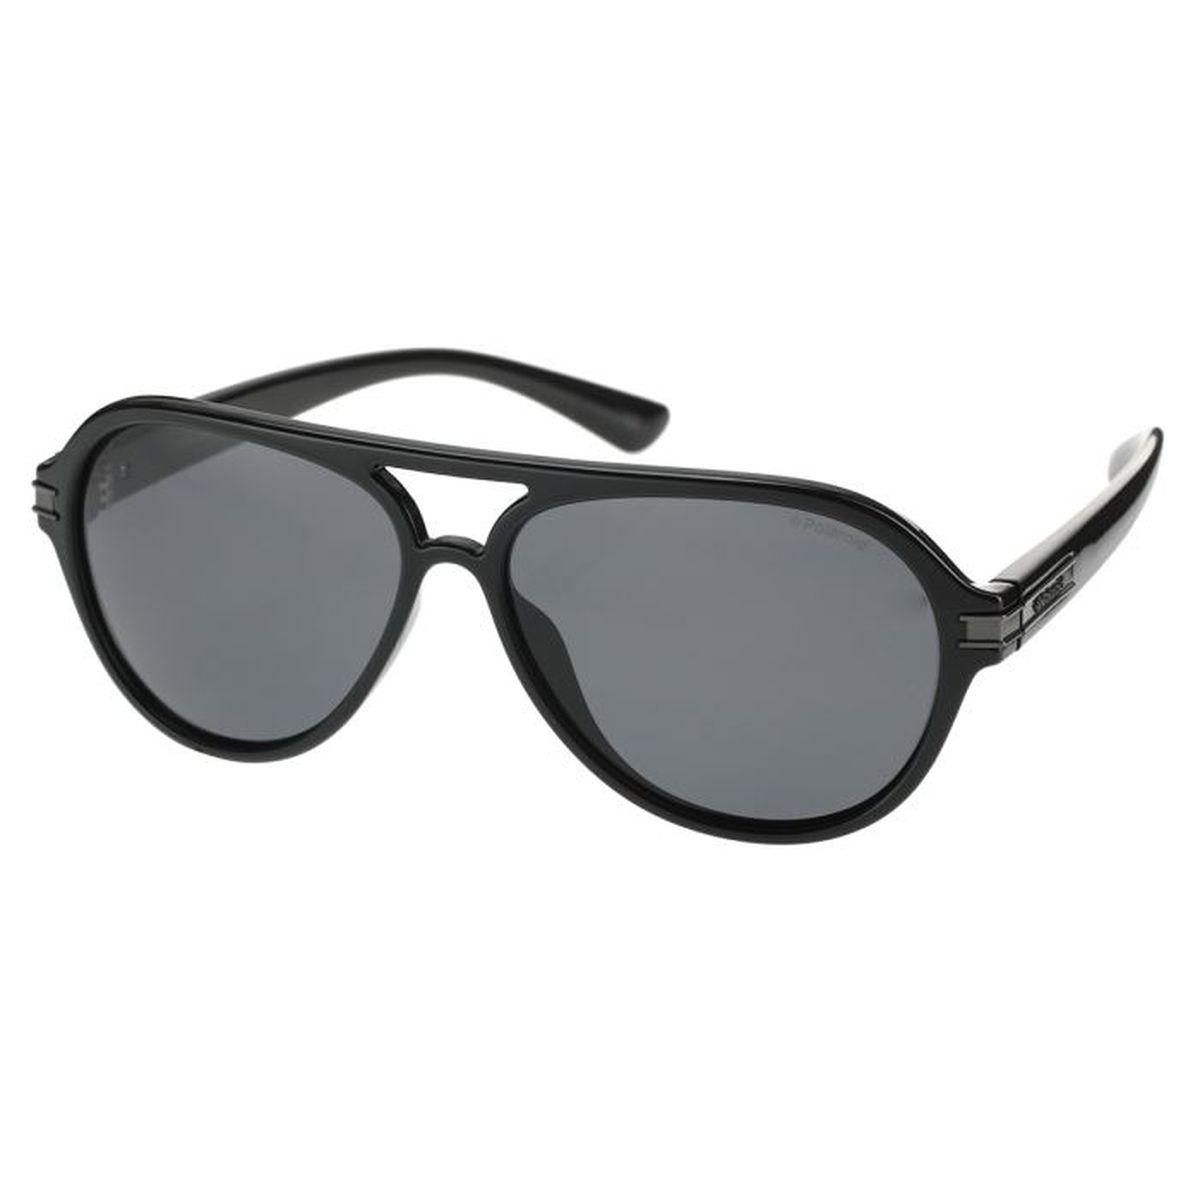 polaroid lunettes de soleil p8329b homme havane achat. Black Bedroom Furniture Sets. Home Design Ideas